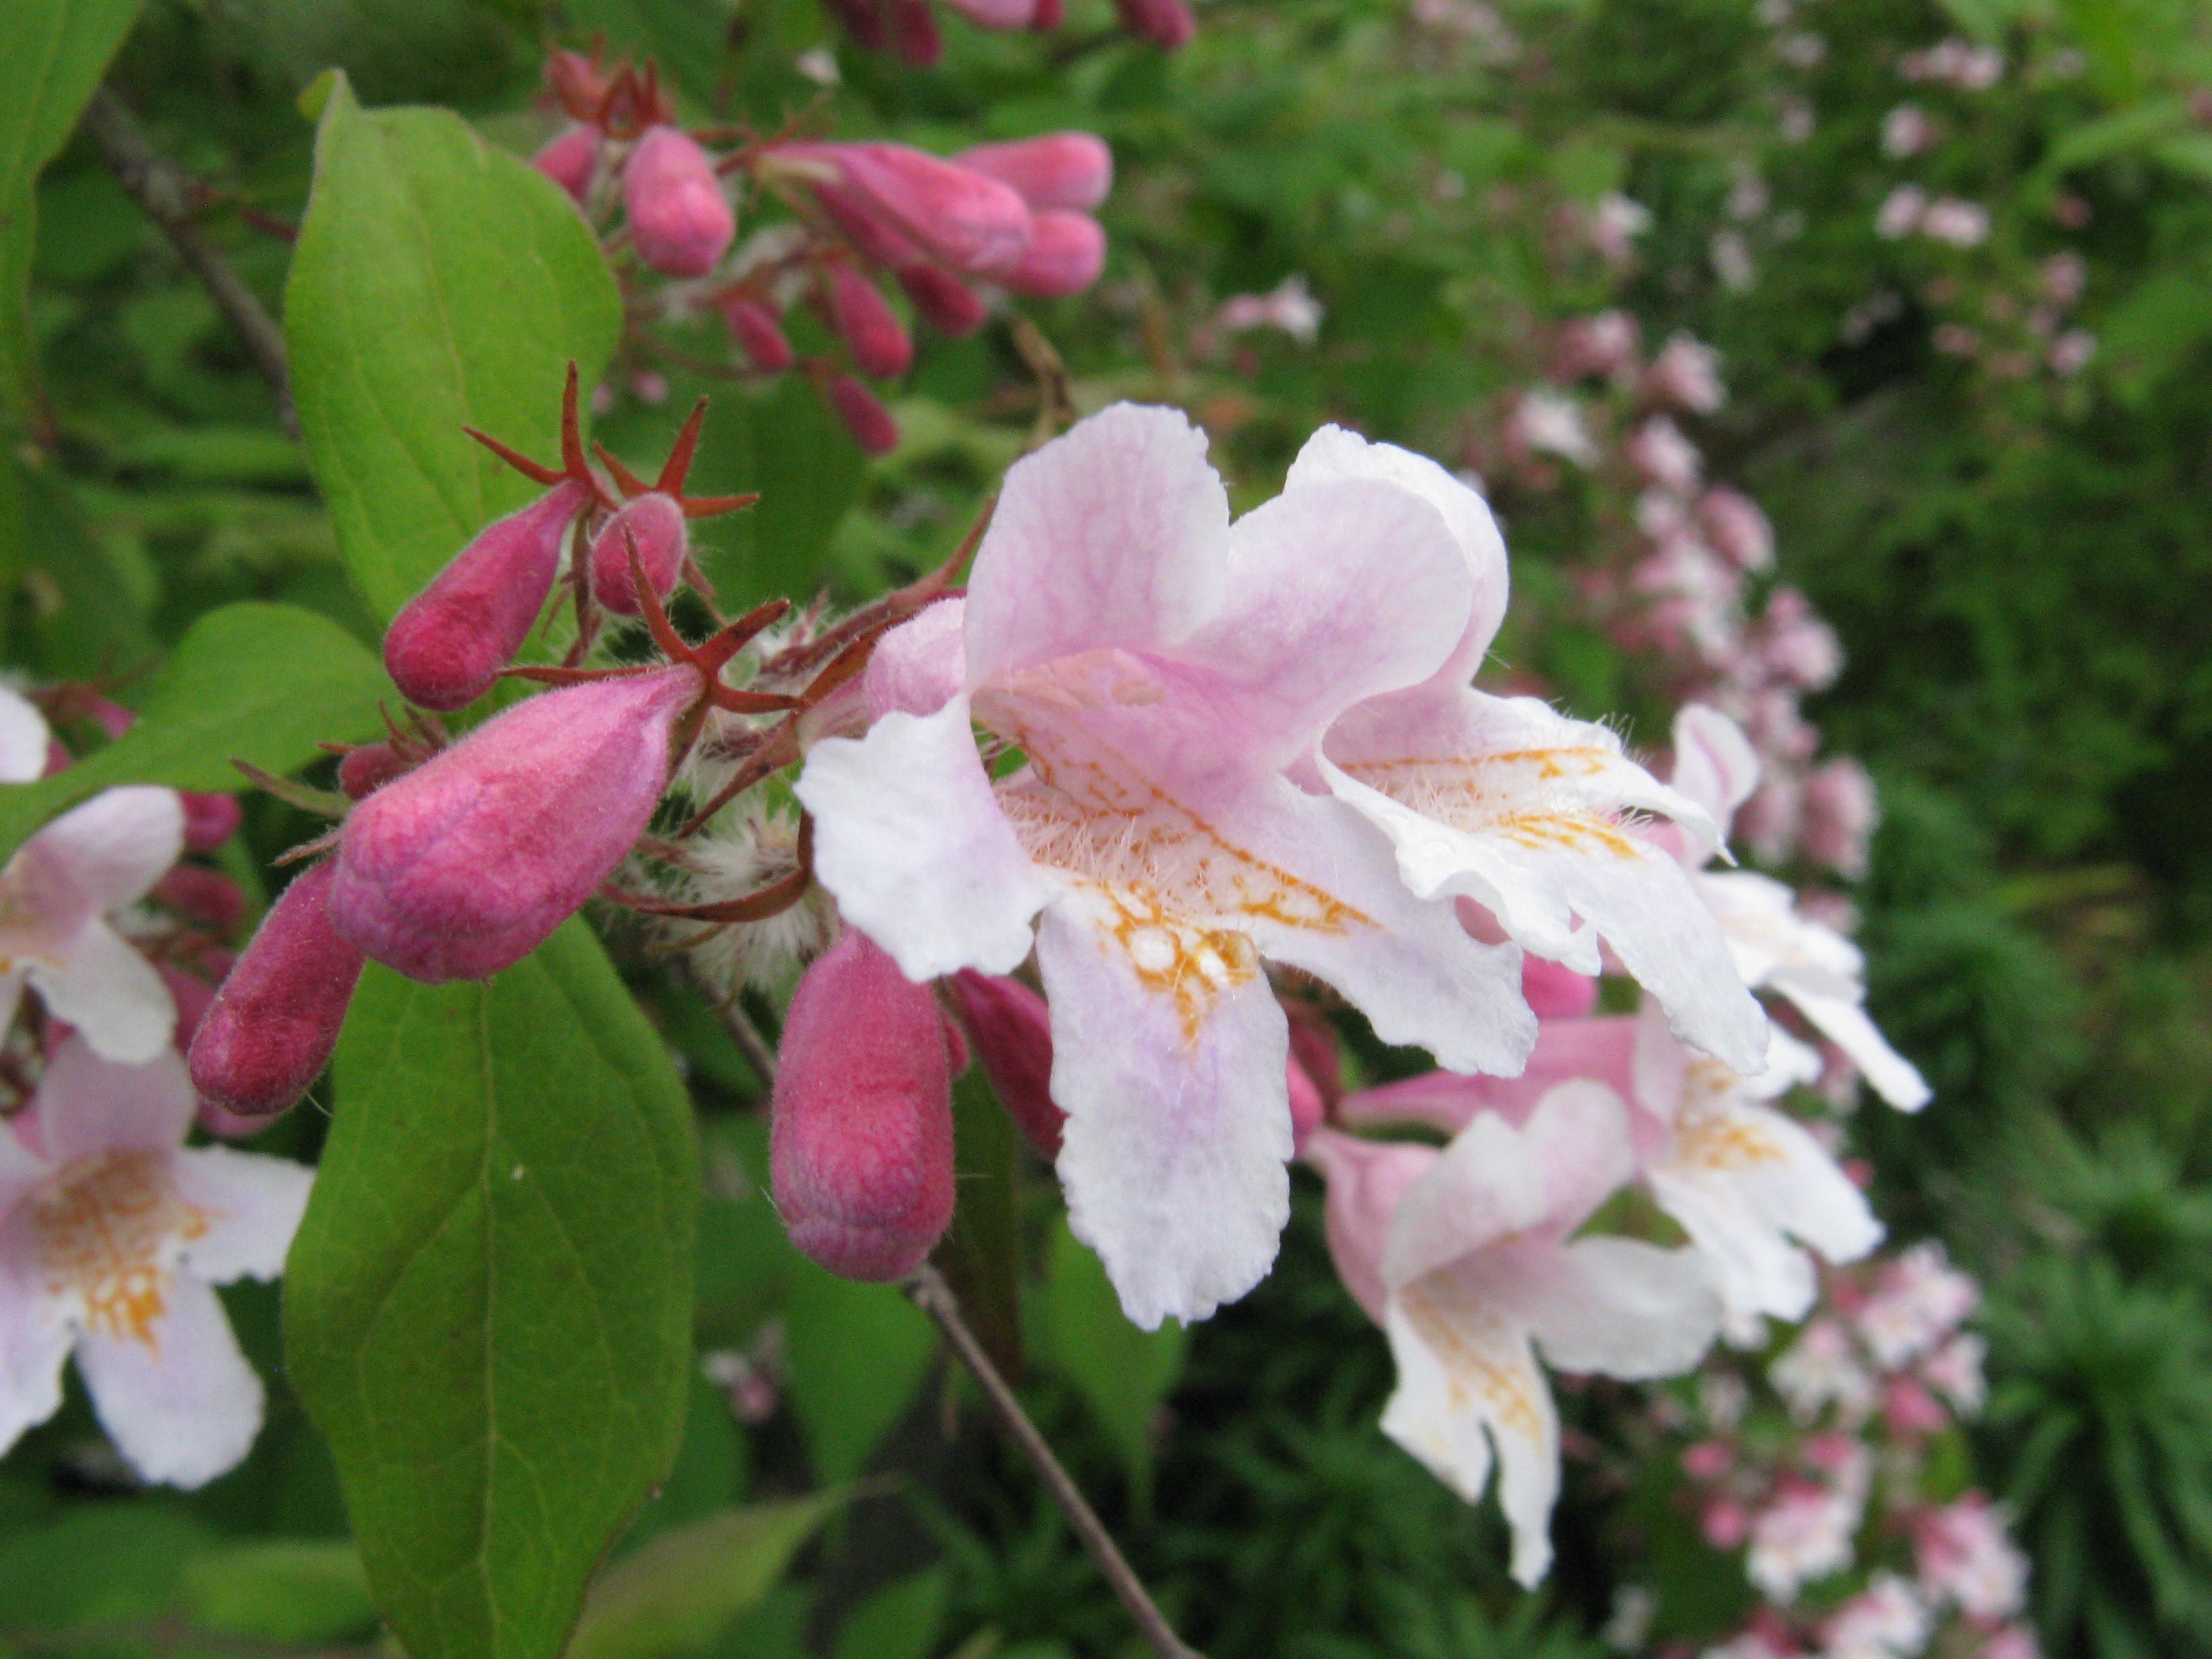 Кольквиция приятная (Kolwiktzia amabilis), листопадный кустарник, обильно цветущий колокольчатыми цветками